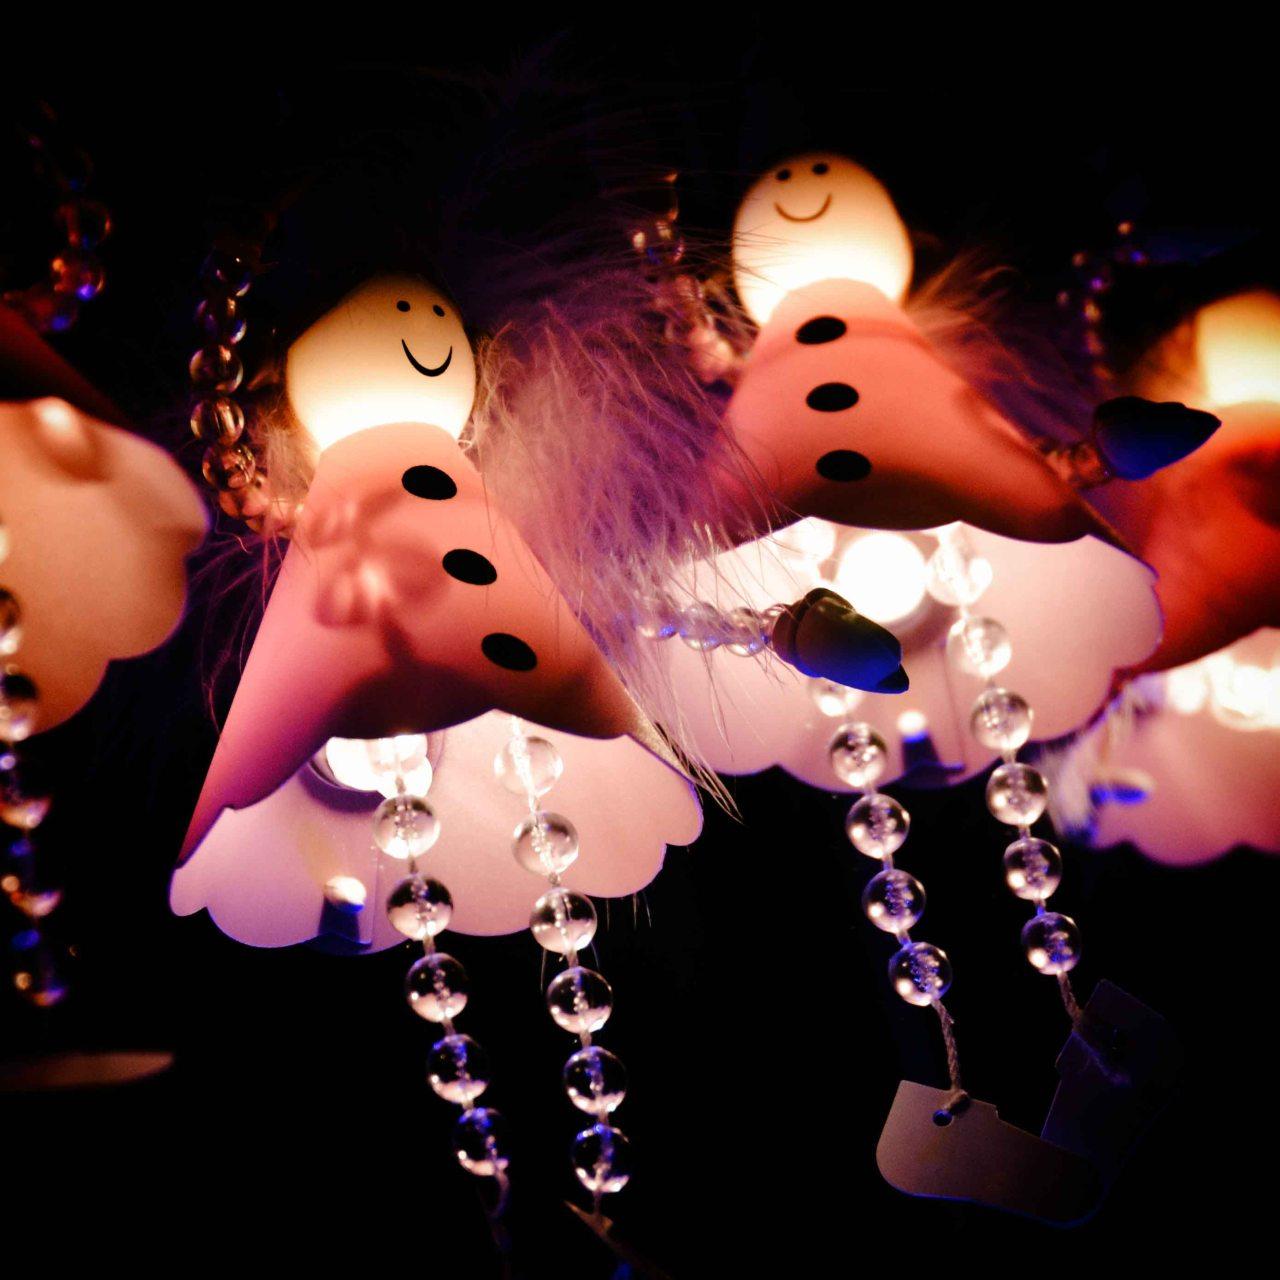 """""""JJ Mellors Photography"""", http://jjmellorsphotography.com, JJ Mellors Photography, jjmellors, julie mellors, mellors, http://oneididearlier.wordpress.com"""